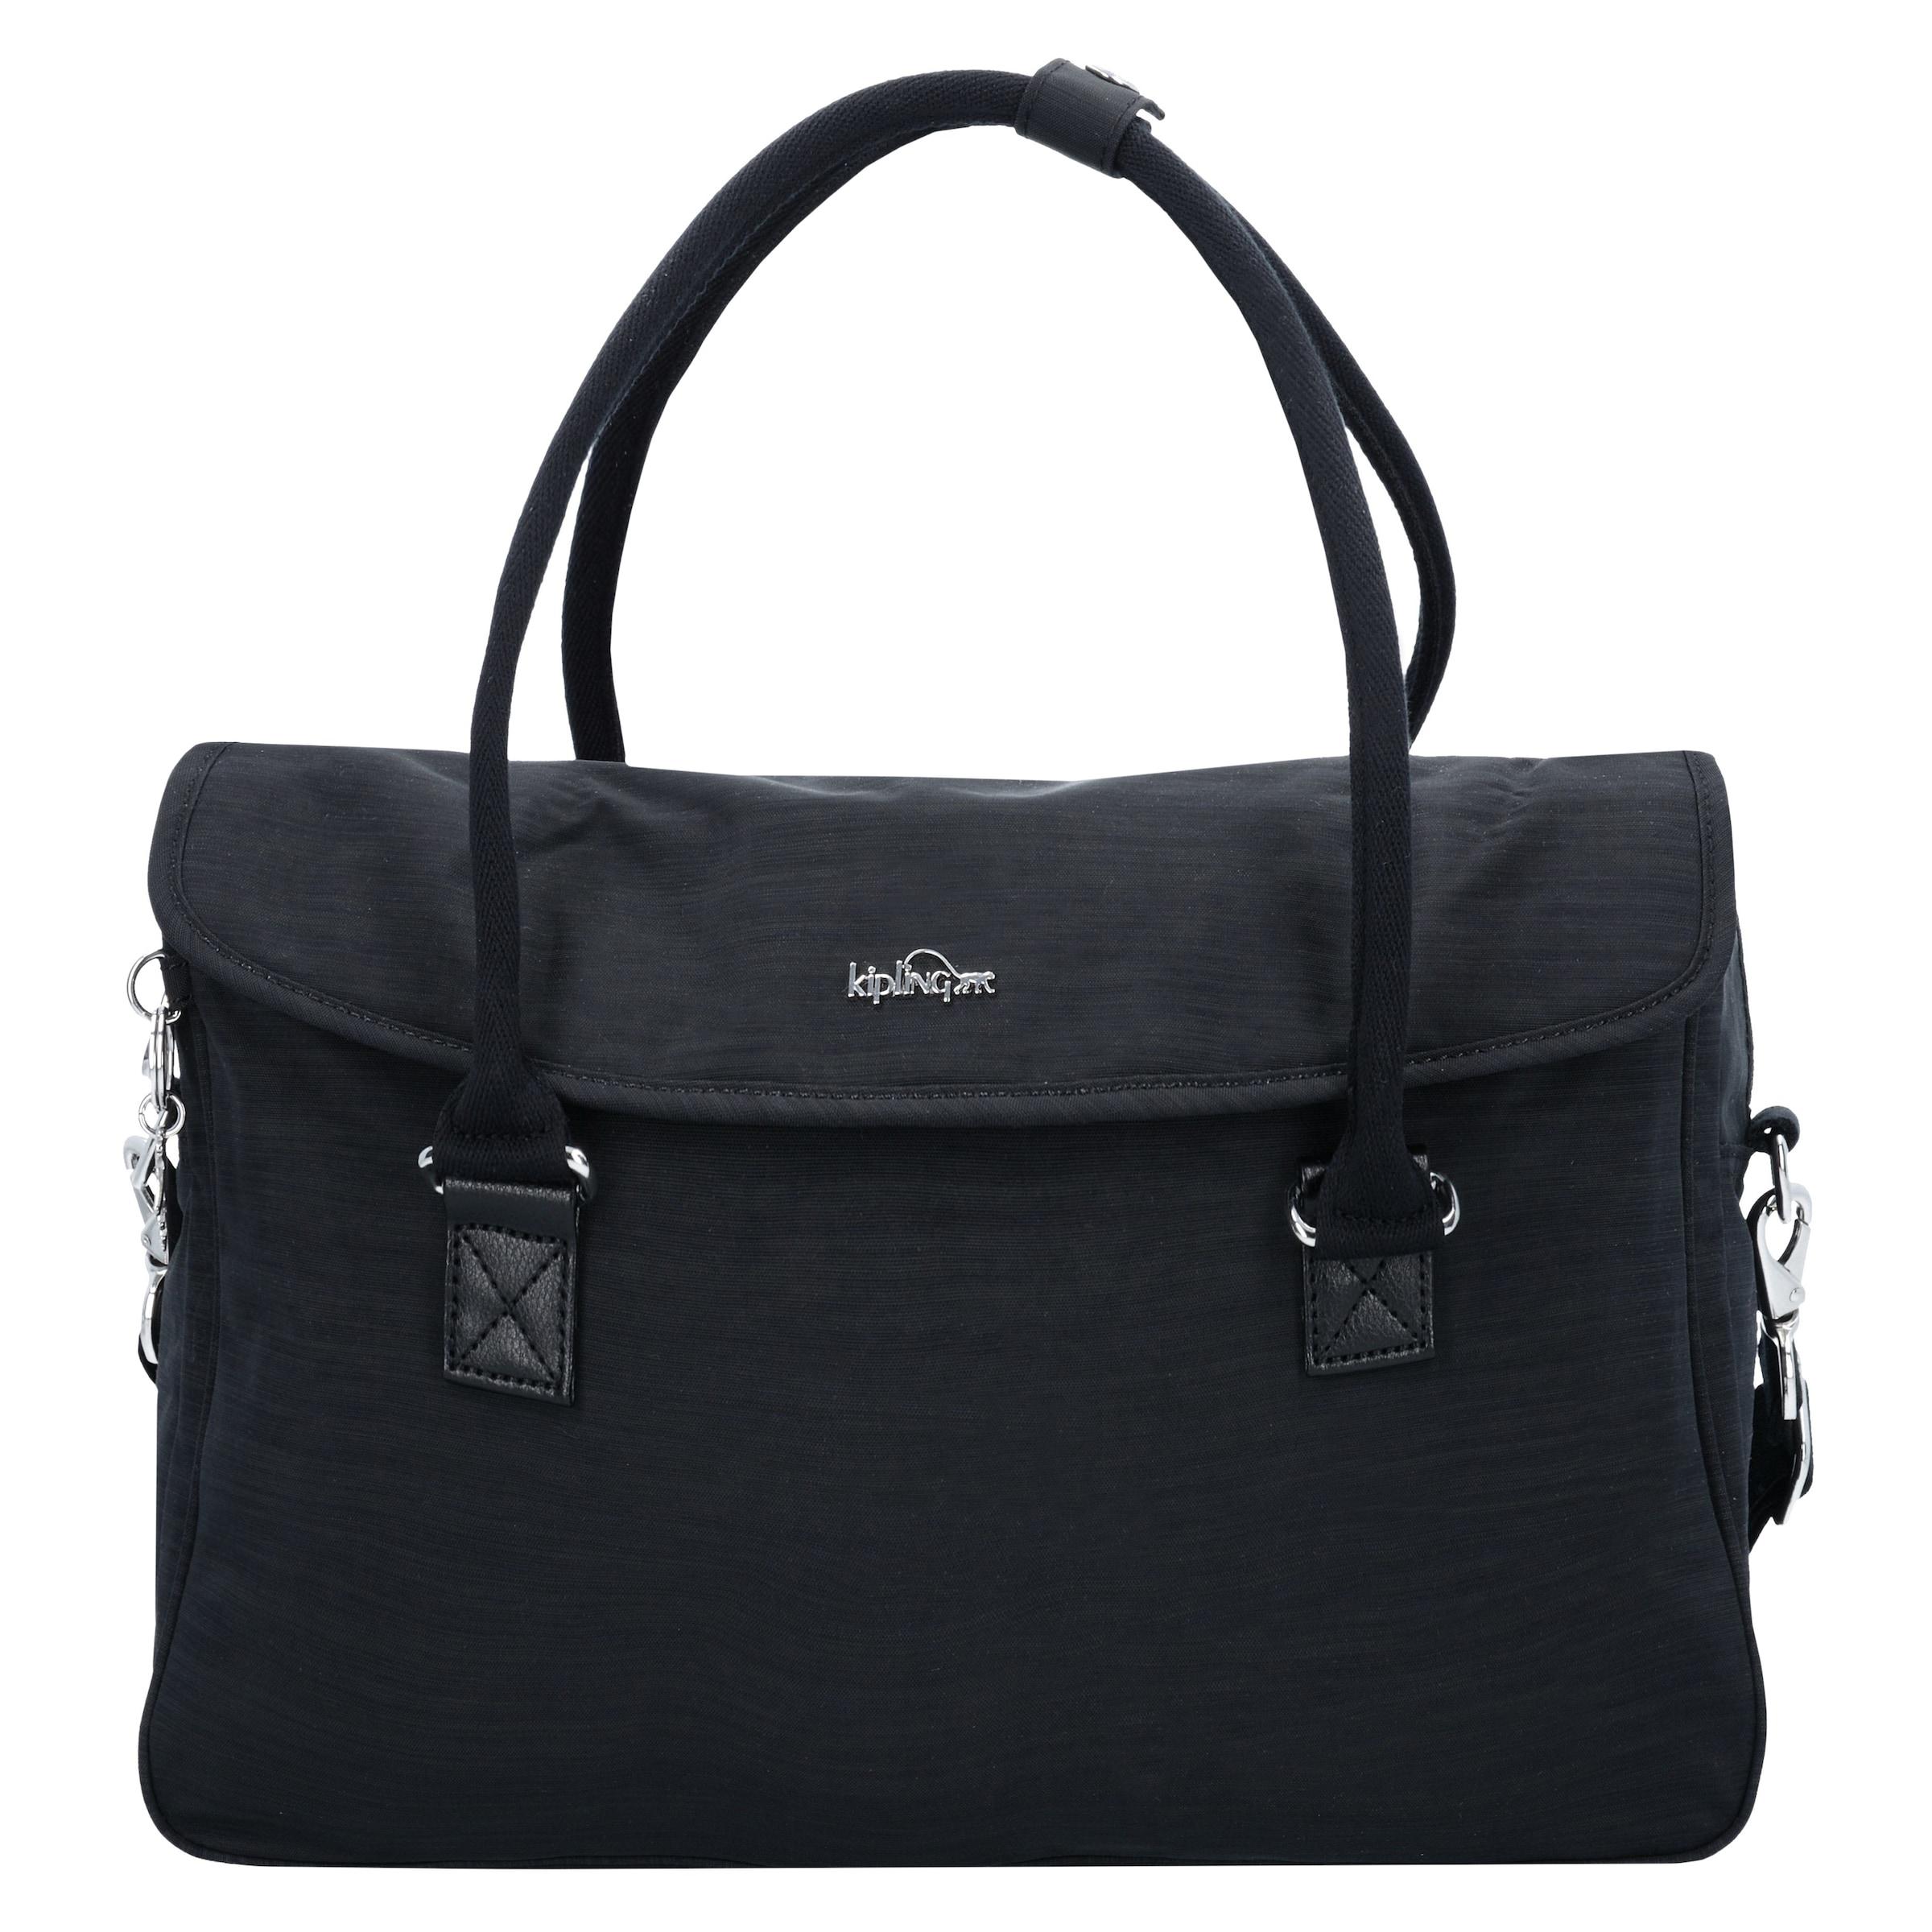 Sast Online KIPLING 'Basic Plus Superwork S' Schultertasche 38 cm Laptopfach Verkauf Extrem yioy2URf